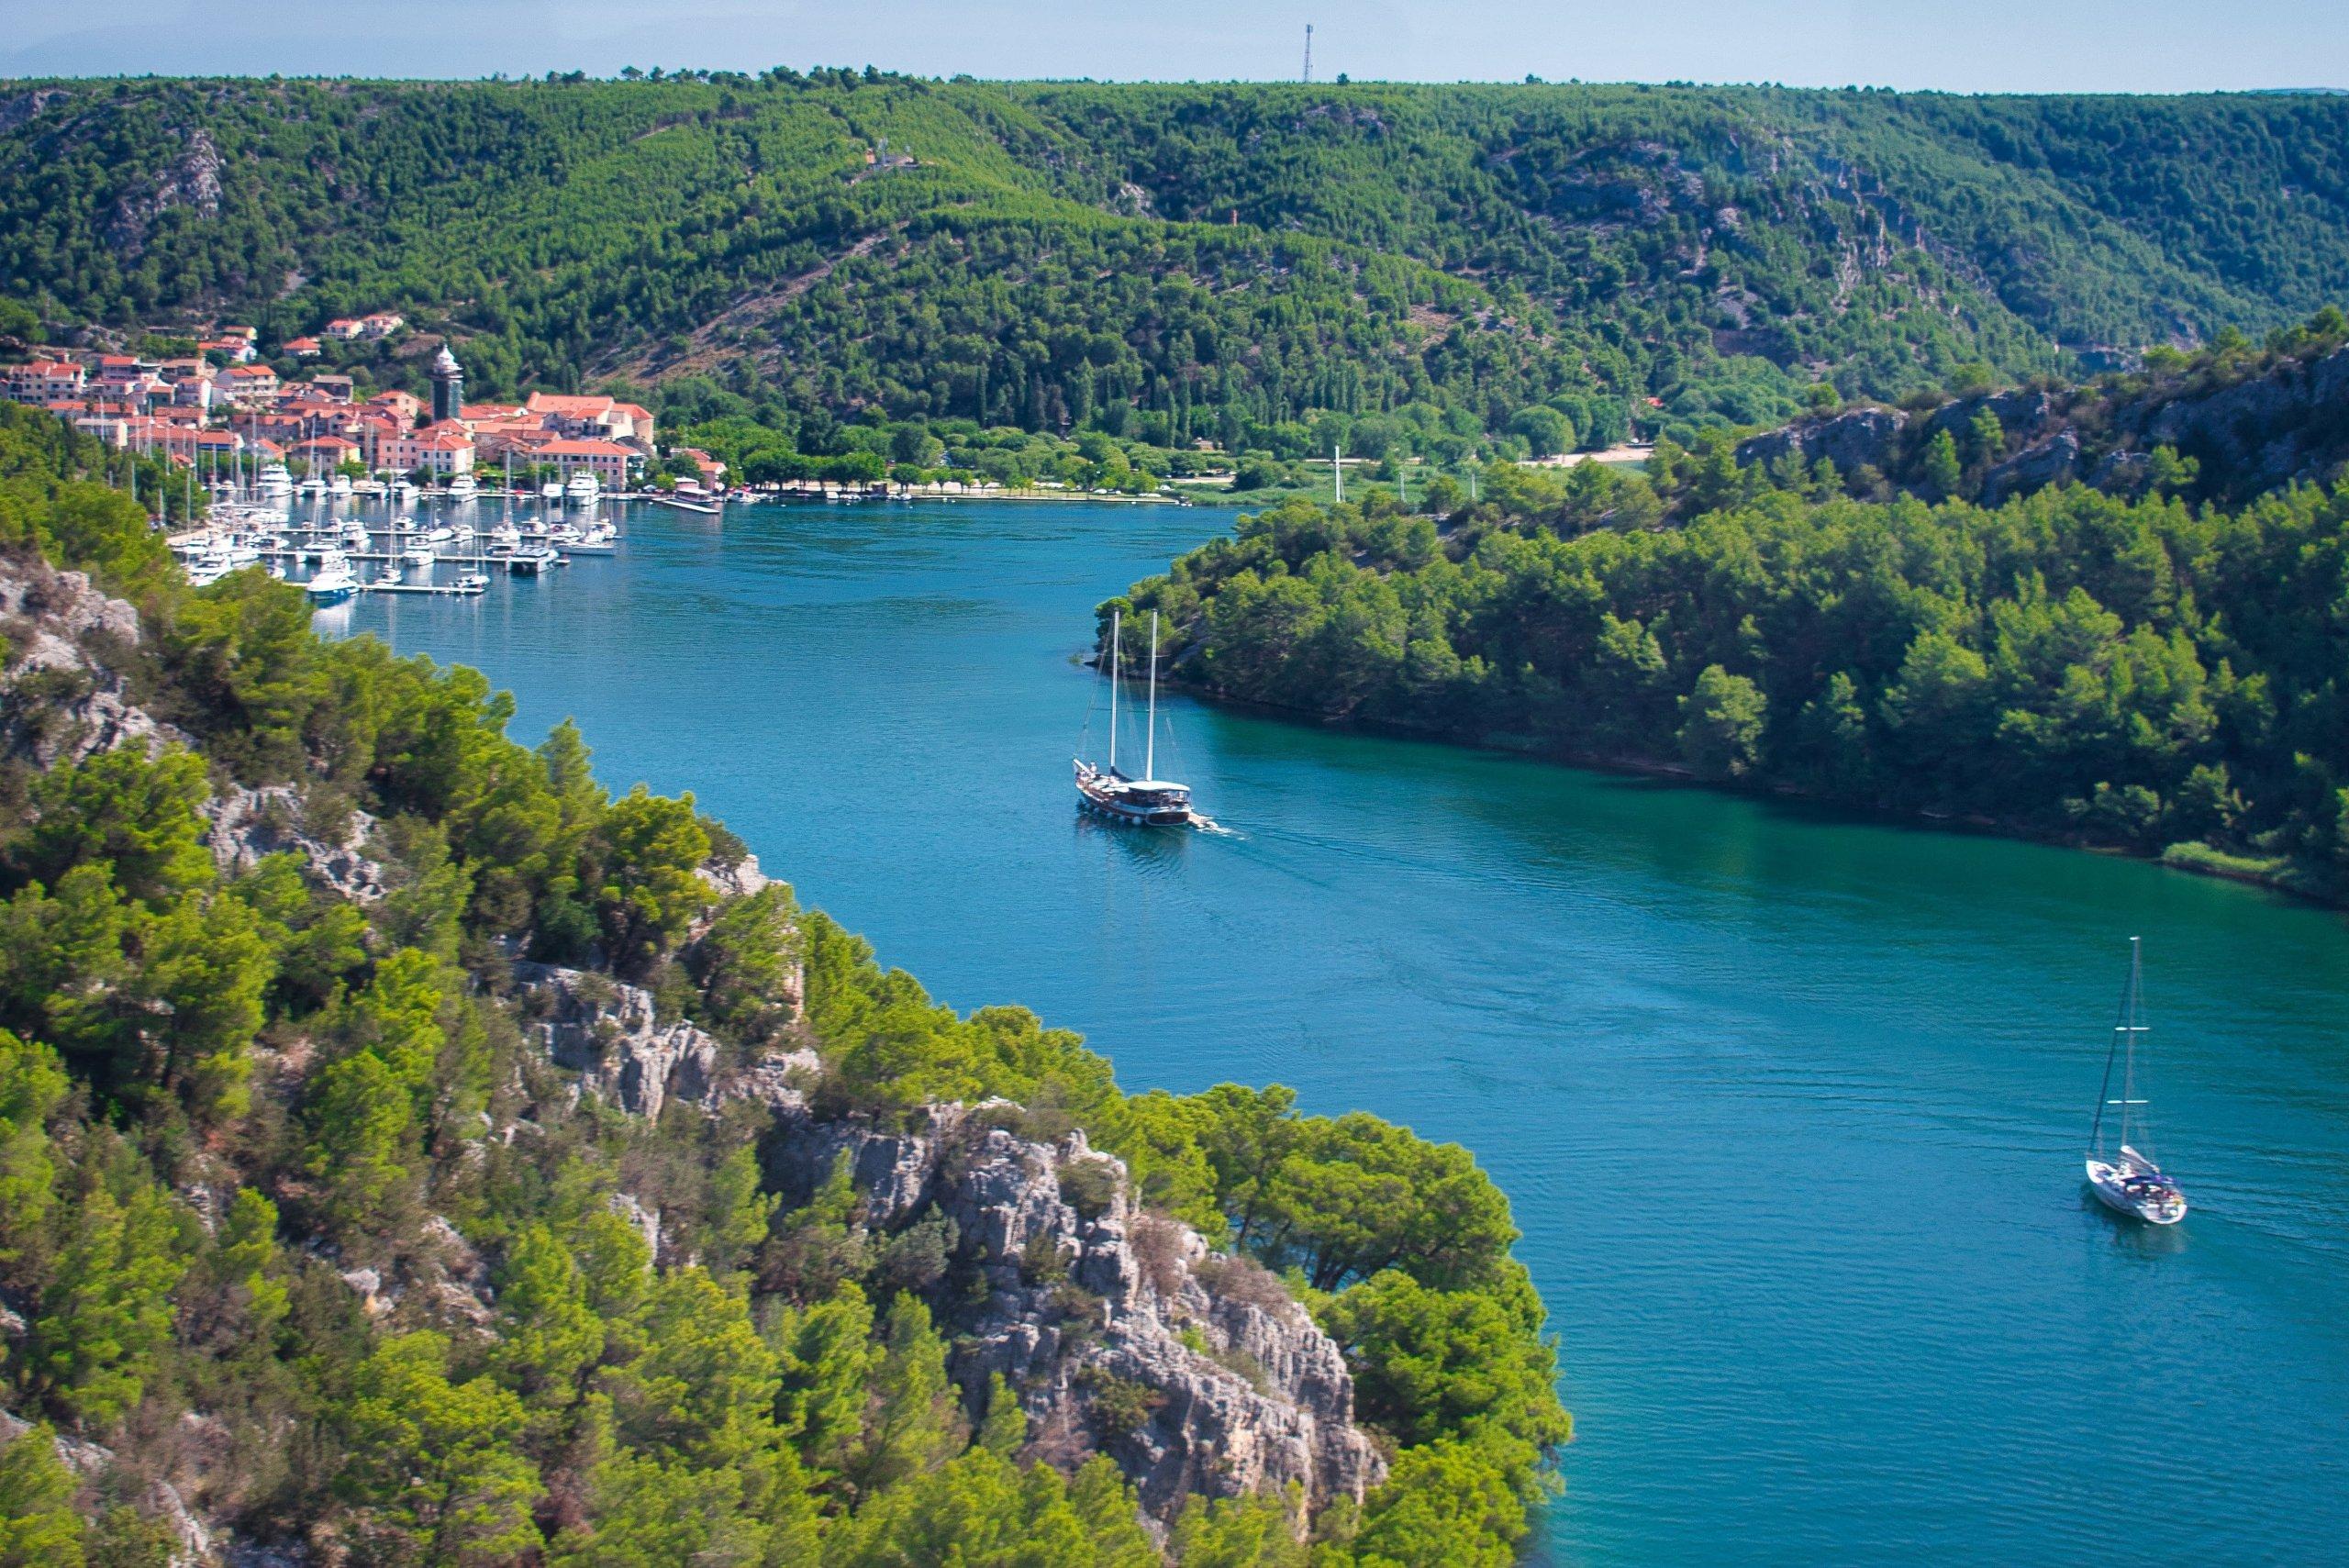 Kako je mali dalmatinski gradić postao najmoderniji grad u Hrvatskoj